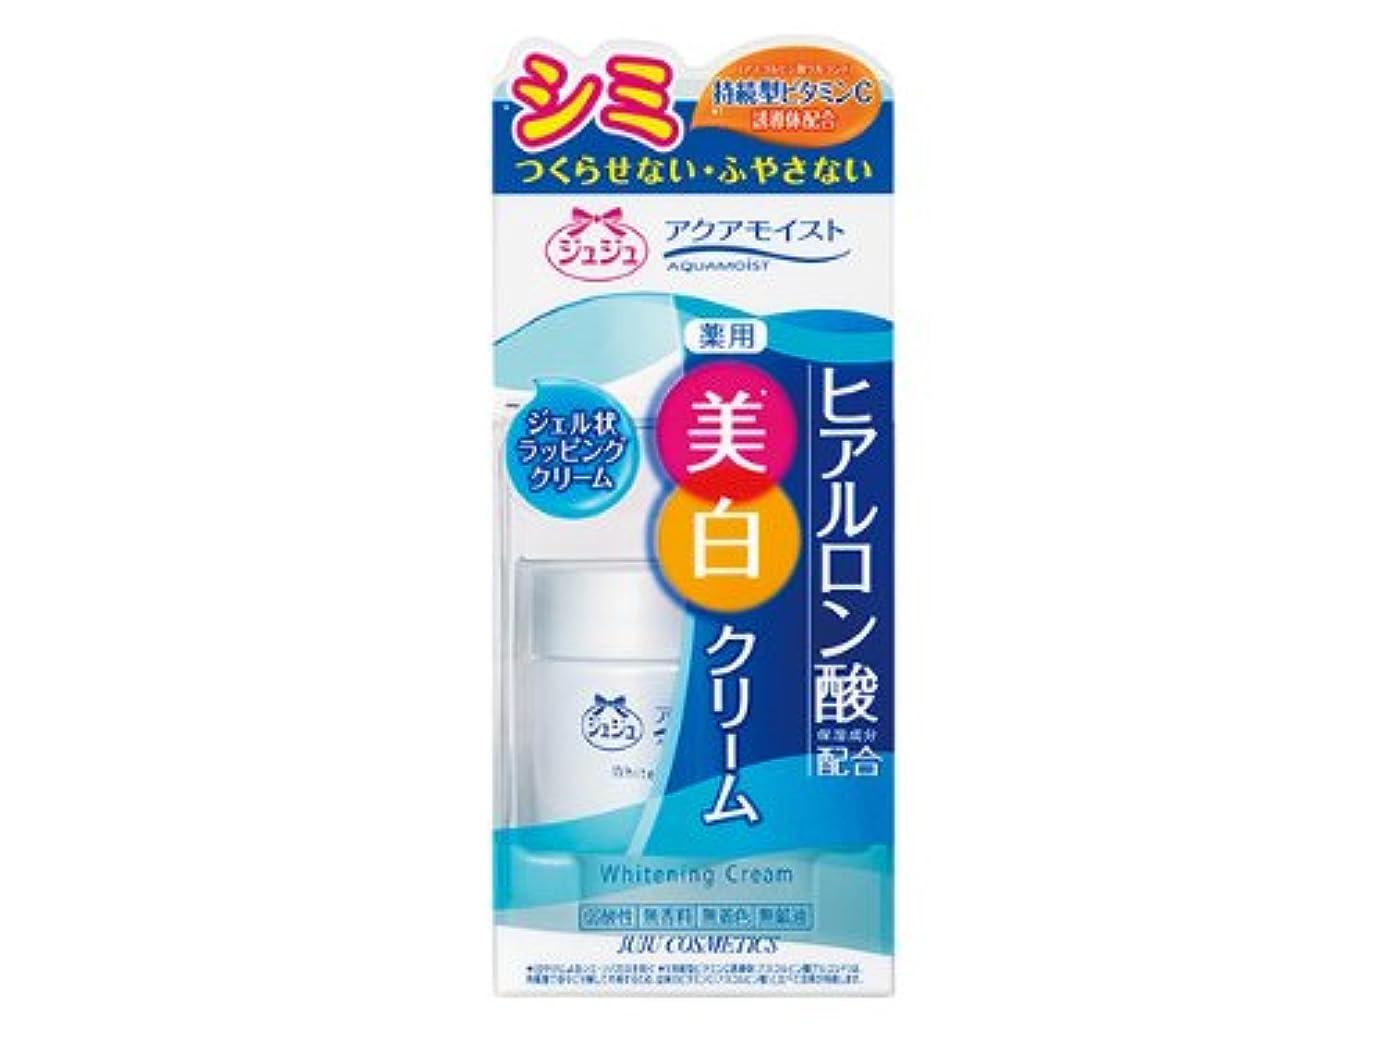 元気なミトンドラフトアクアモイストC 薬用ホワイトニングクリームH 50g 【医薬部外品】